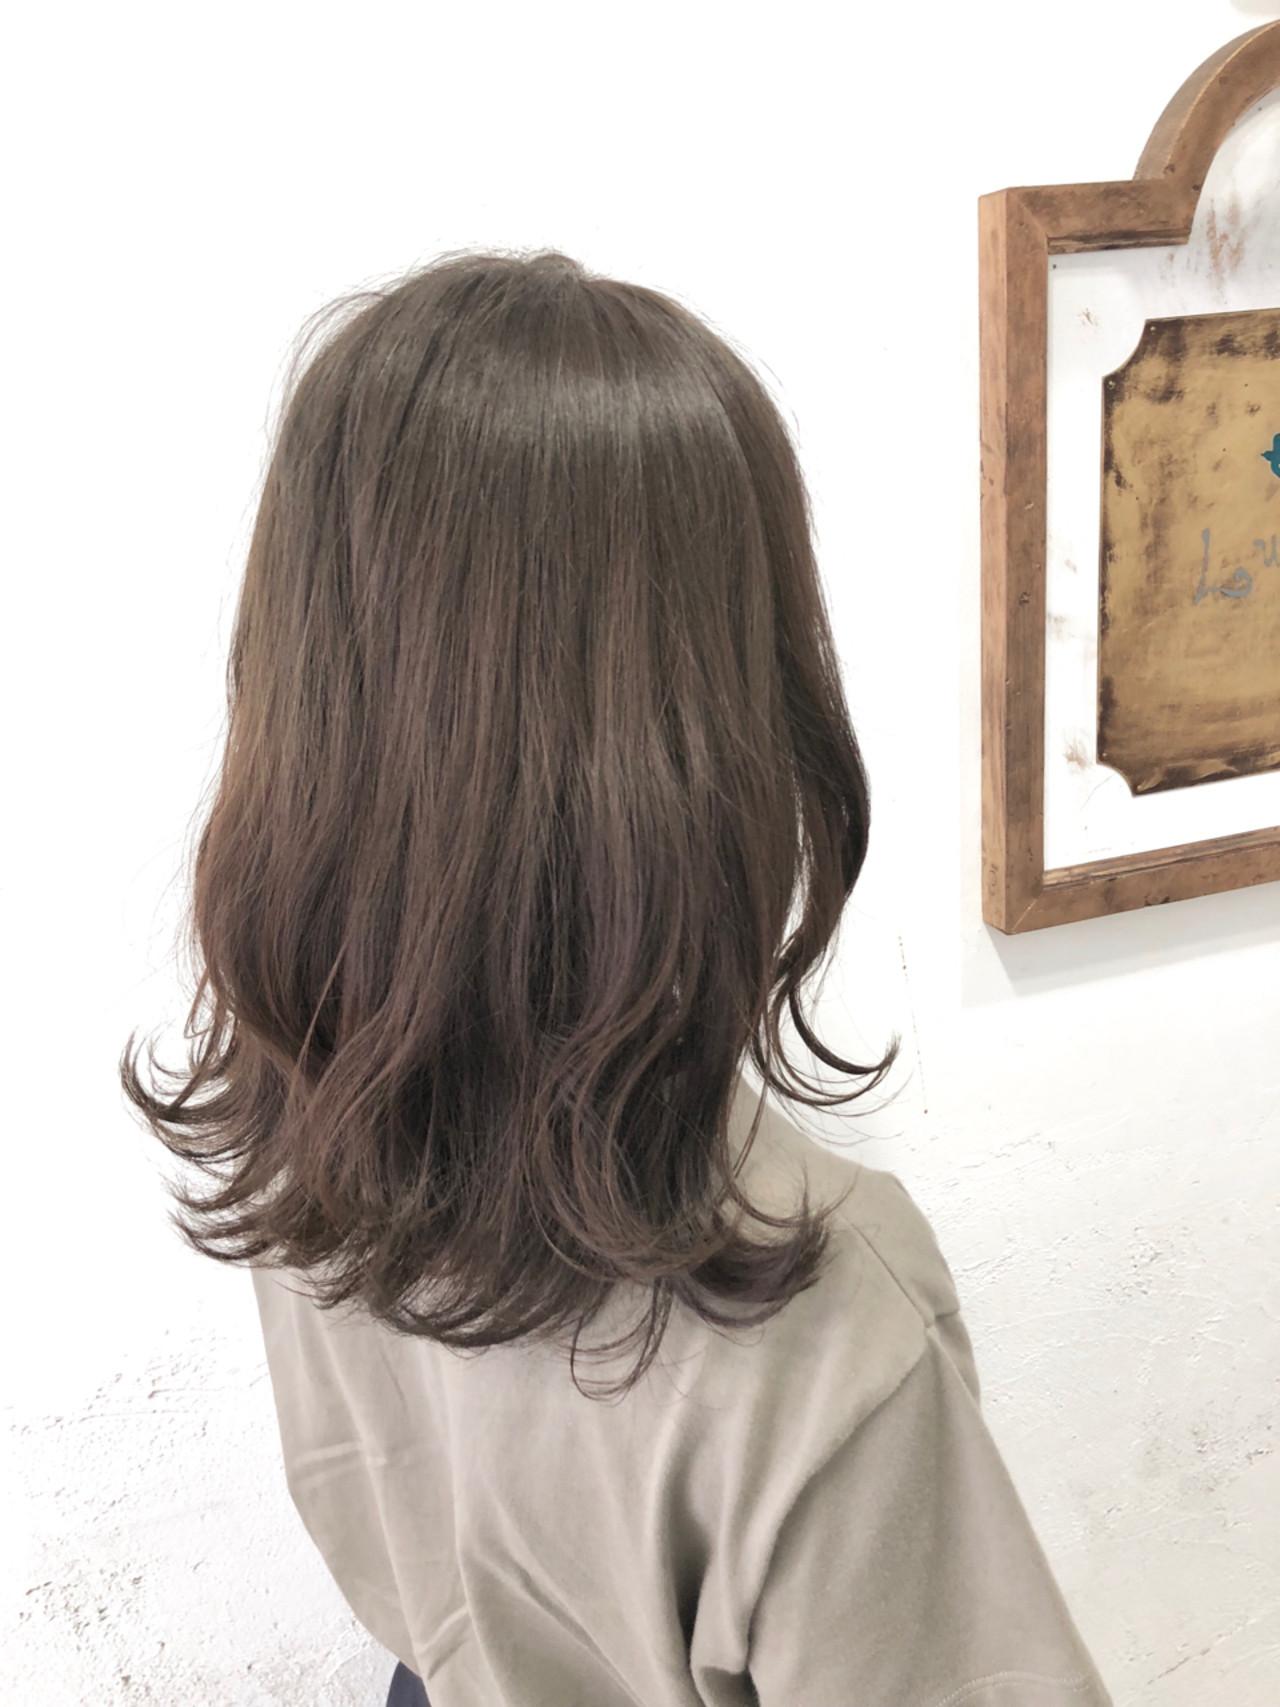 ナチュラル 前髪あり 夏 大人かわいい ヘアスタイルや髪型の写真・画像